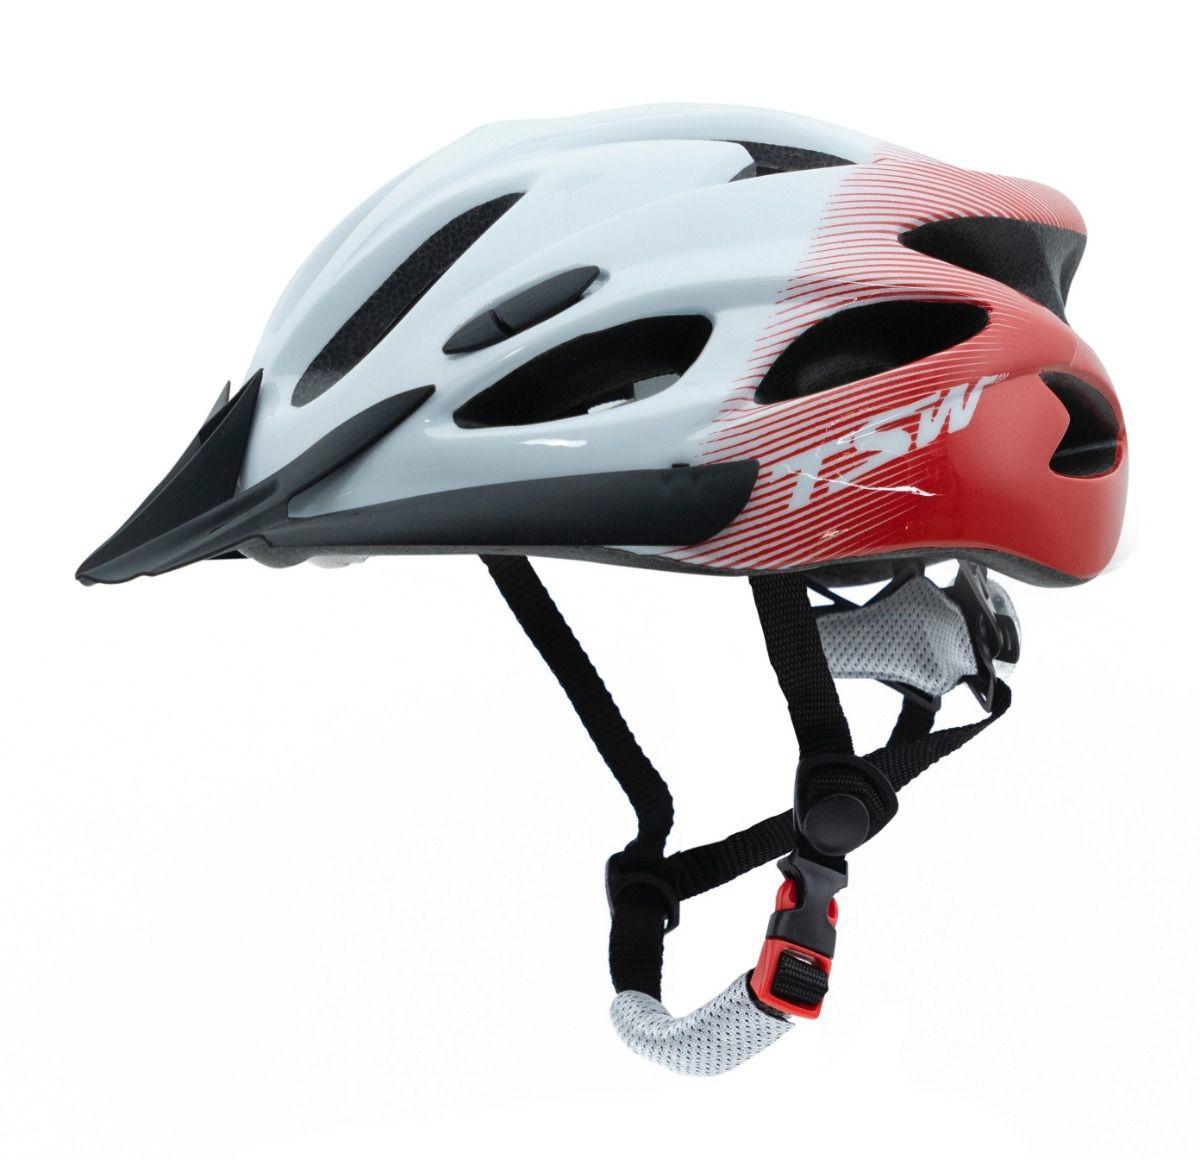 Capacete Ciclismo TSW Raptor C/ Led e Viseira - Tam G